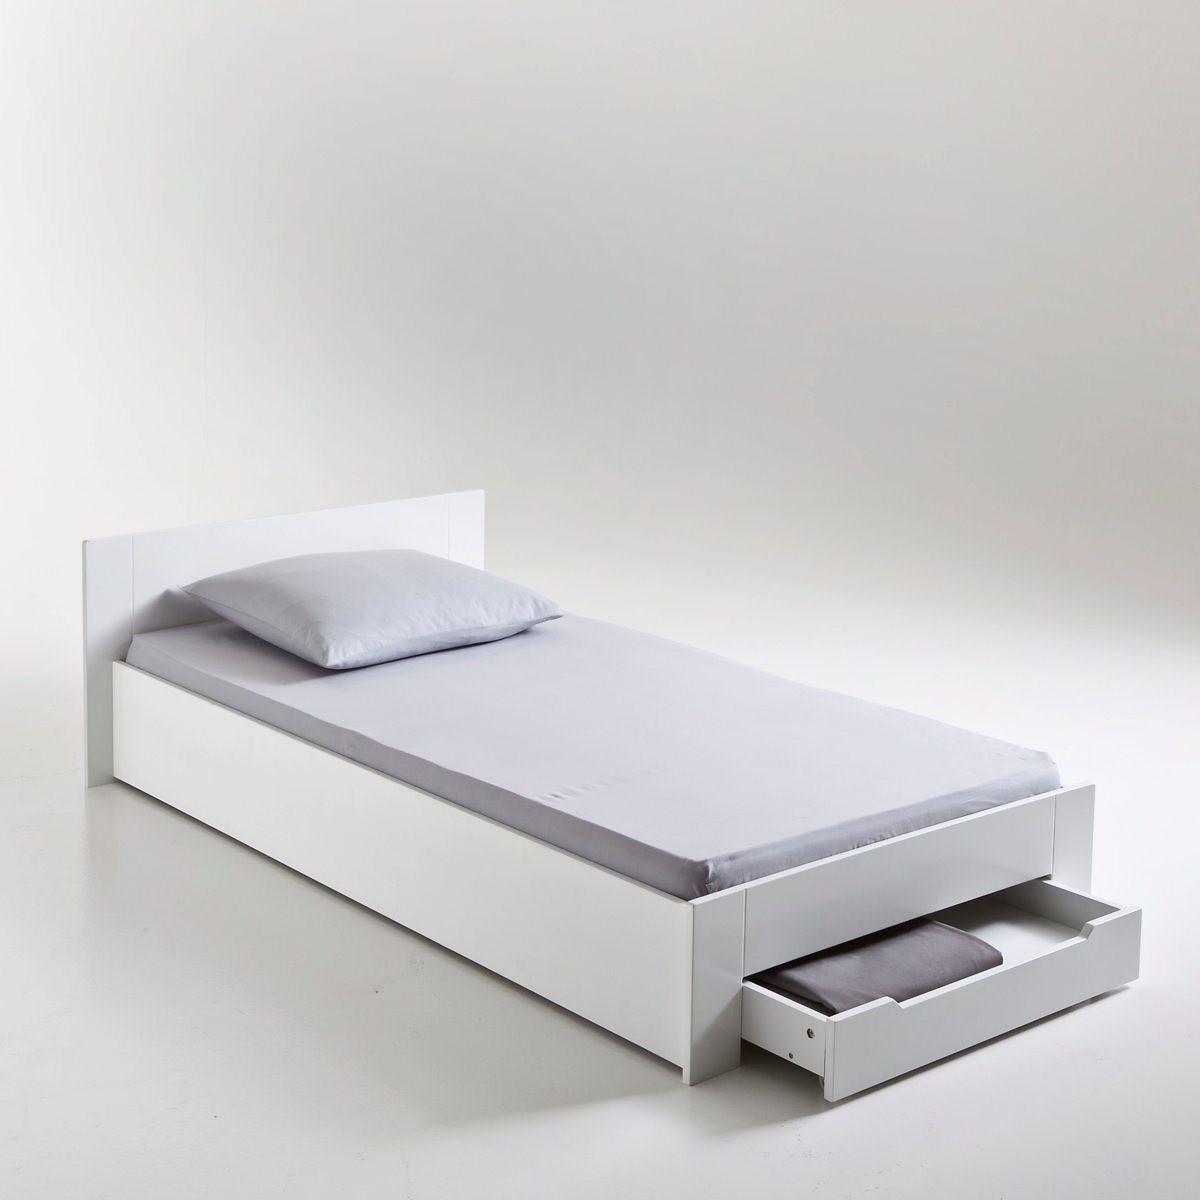 Кровать LaRedoute 1-спальная с сеткой и ящиком Crawley 90 x 190 см белый матрас laredoute для кровати с ящиком 90 x 180 x 12 белый